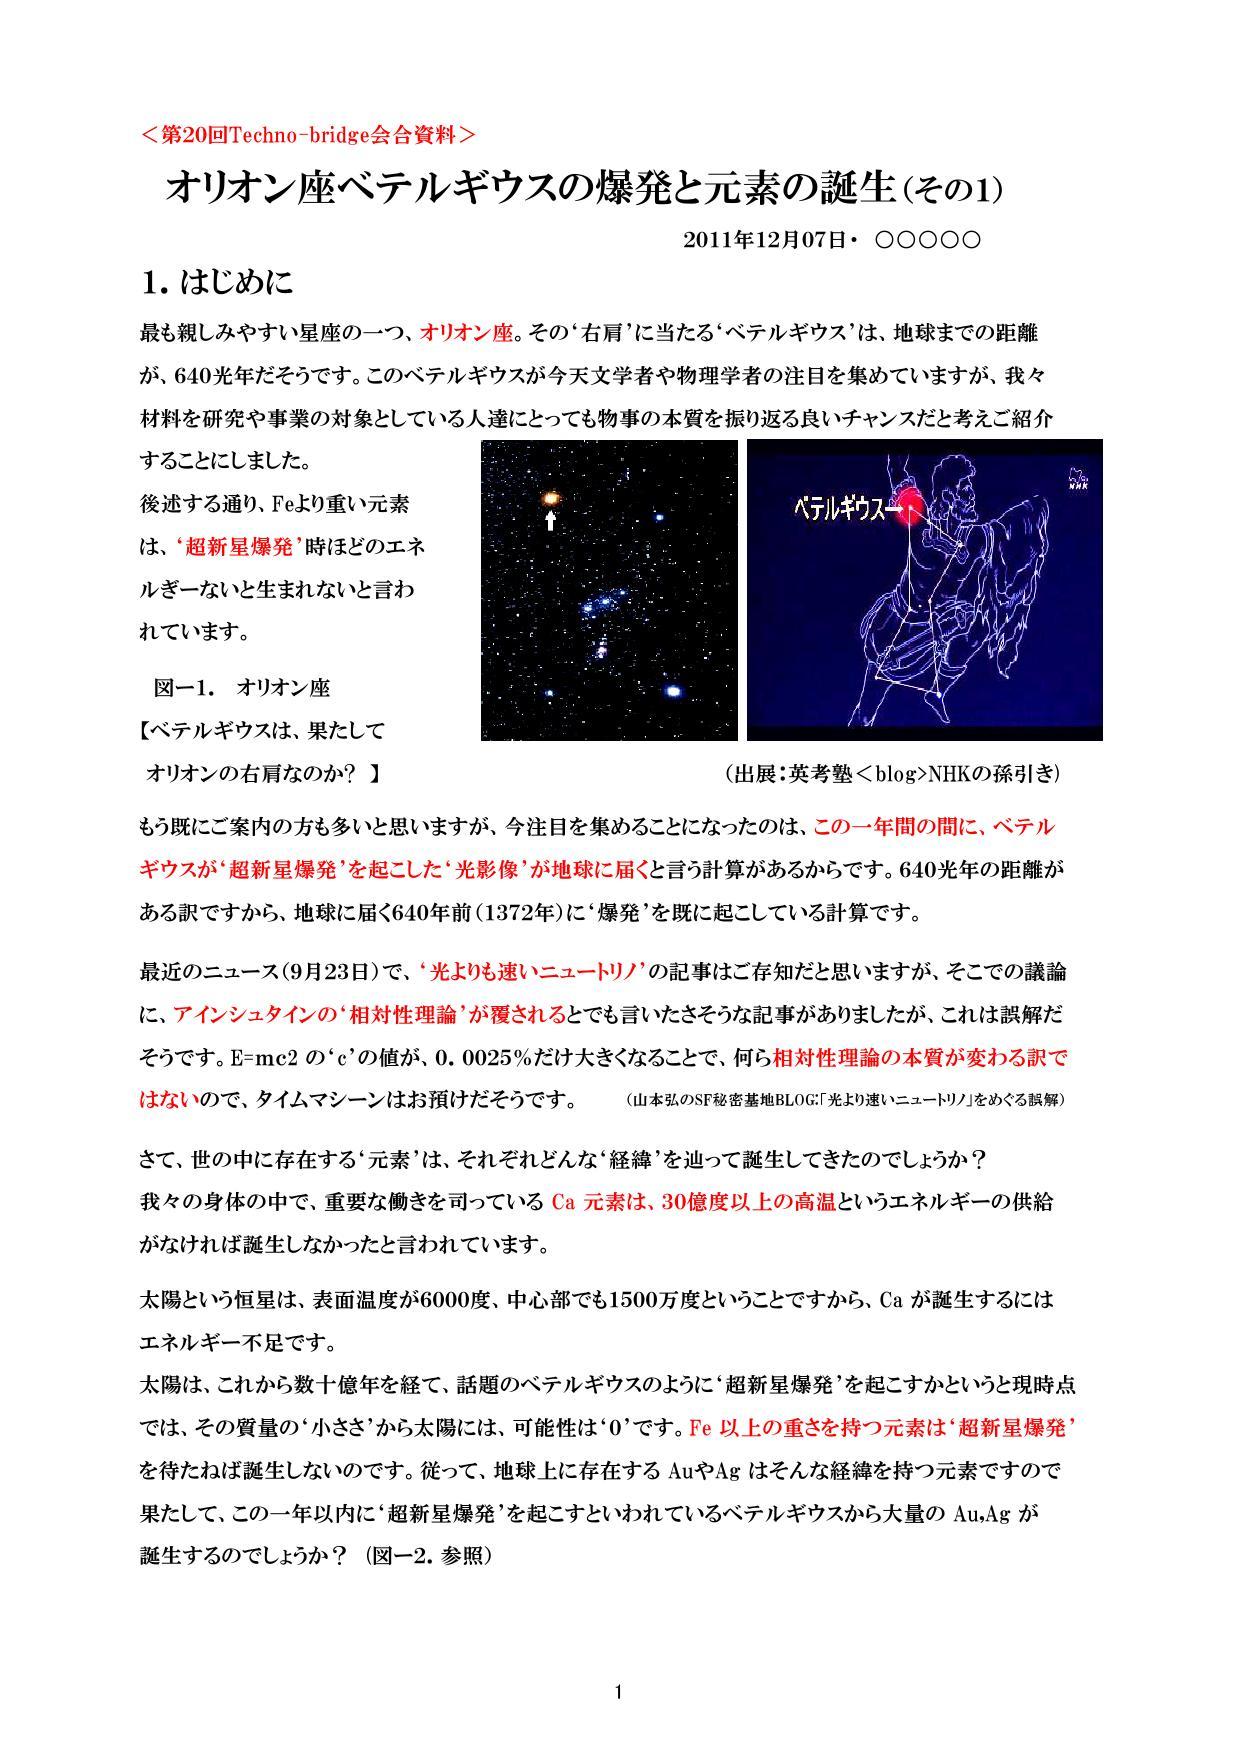 オリオン座ベテルギウスの爆発と元素の誕生0001